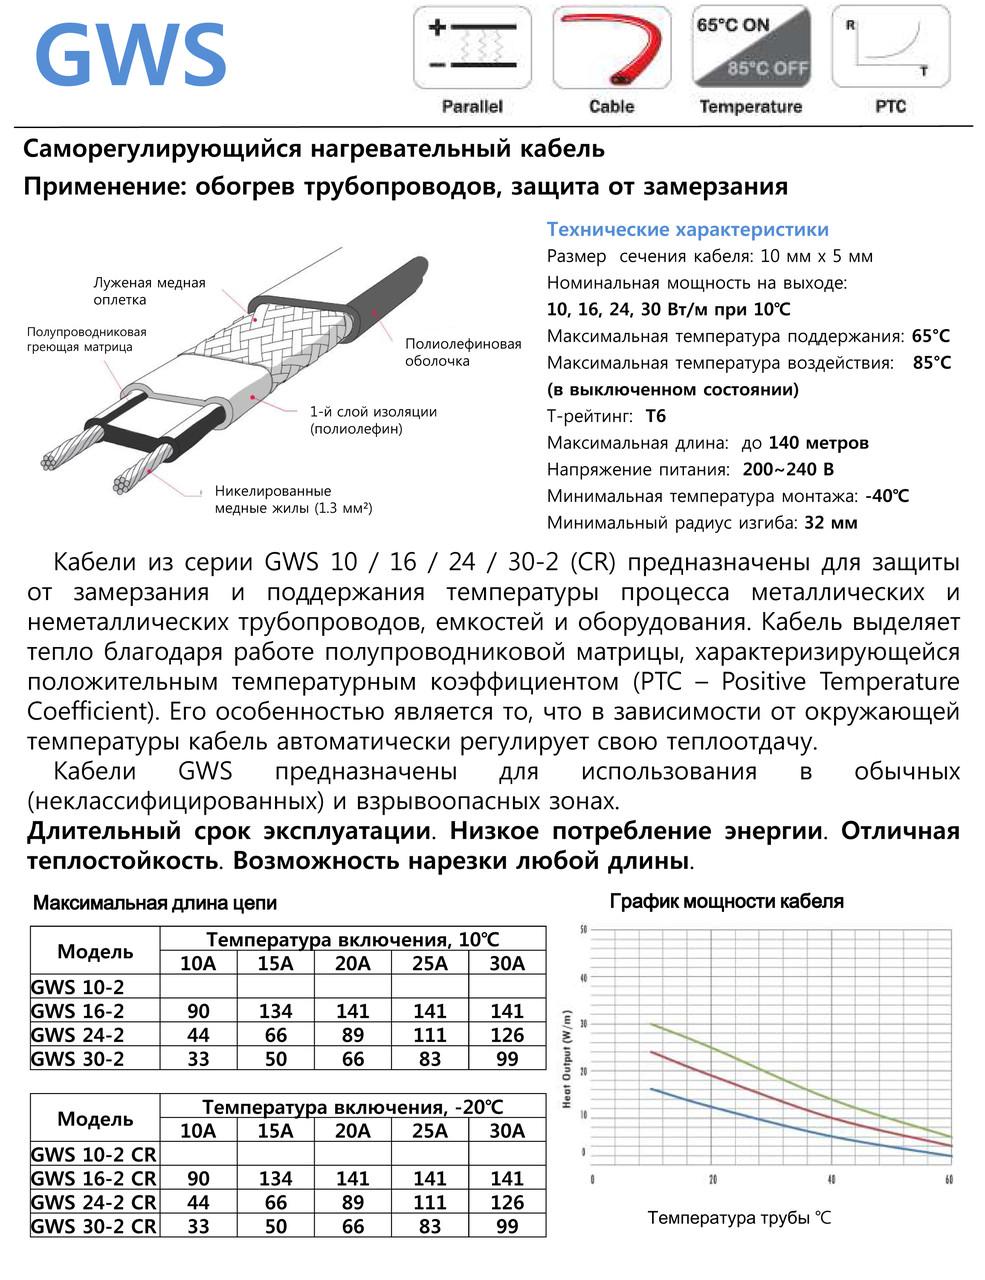 Саморегулирующийся кабель GWS 40-2, 40 Вт/м